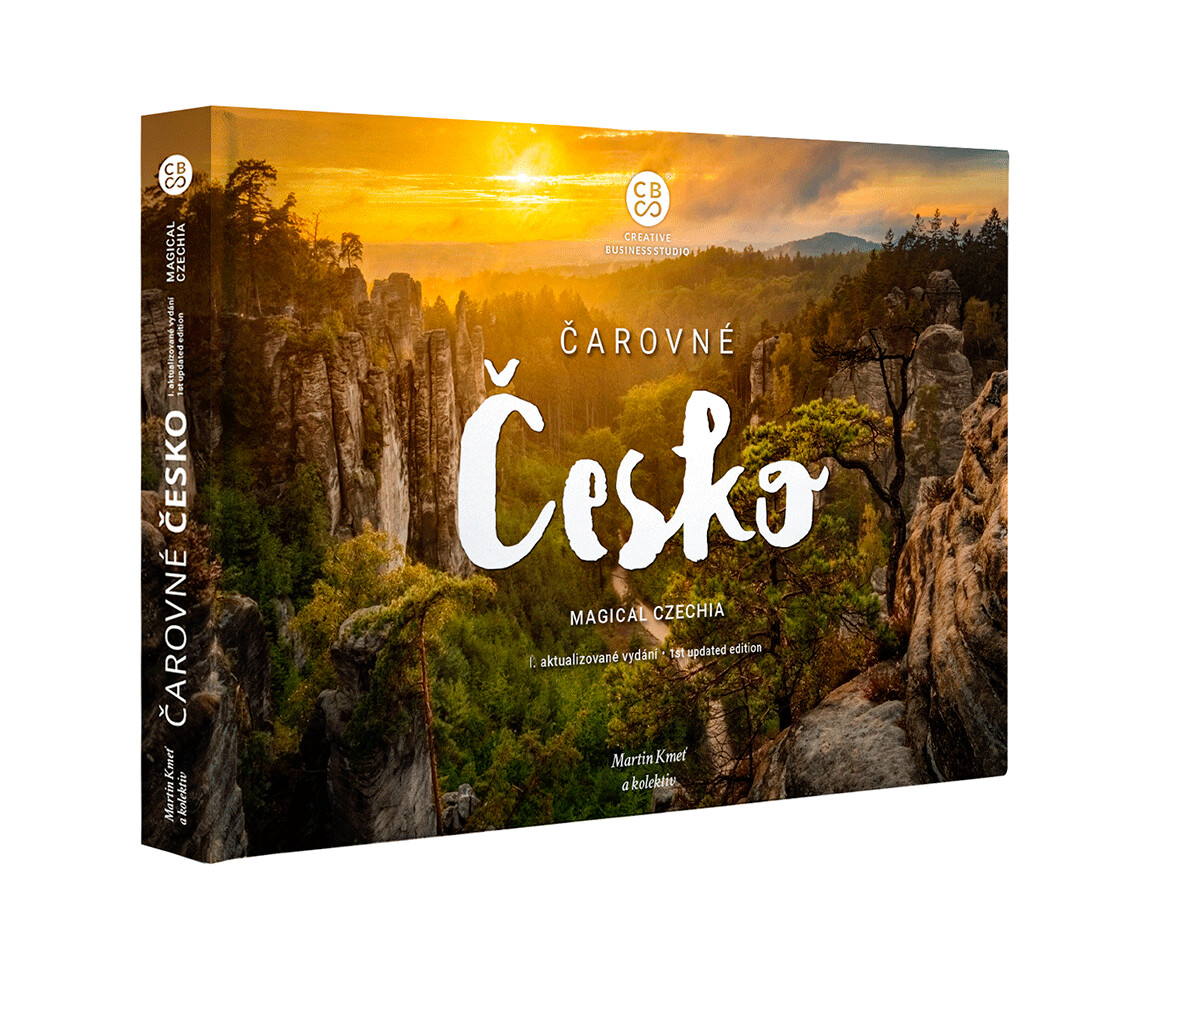 Čarovné Česko - 1. aktualizované vydání